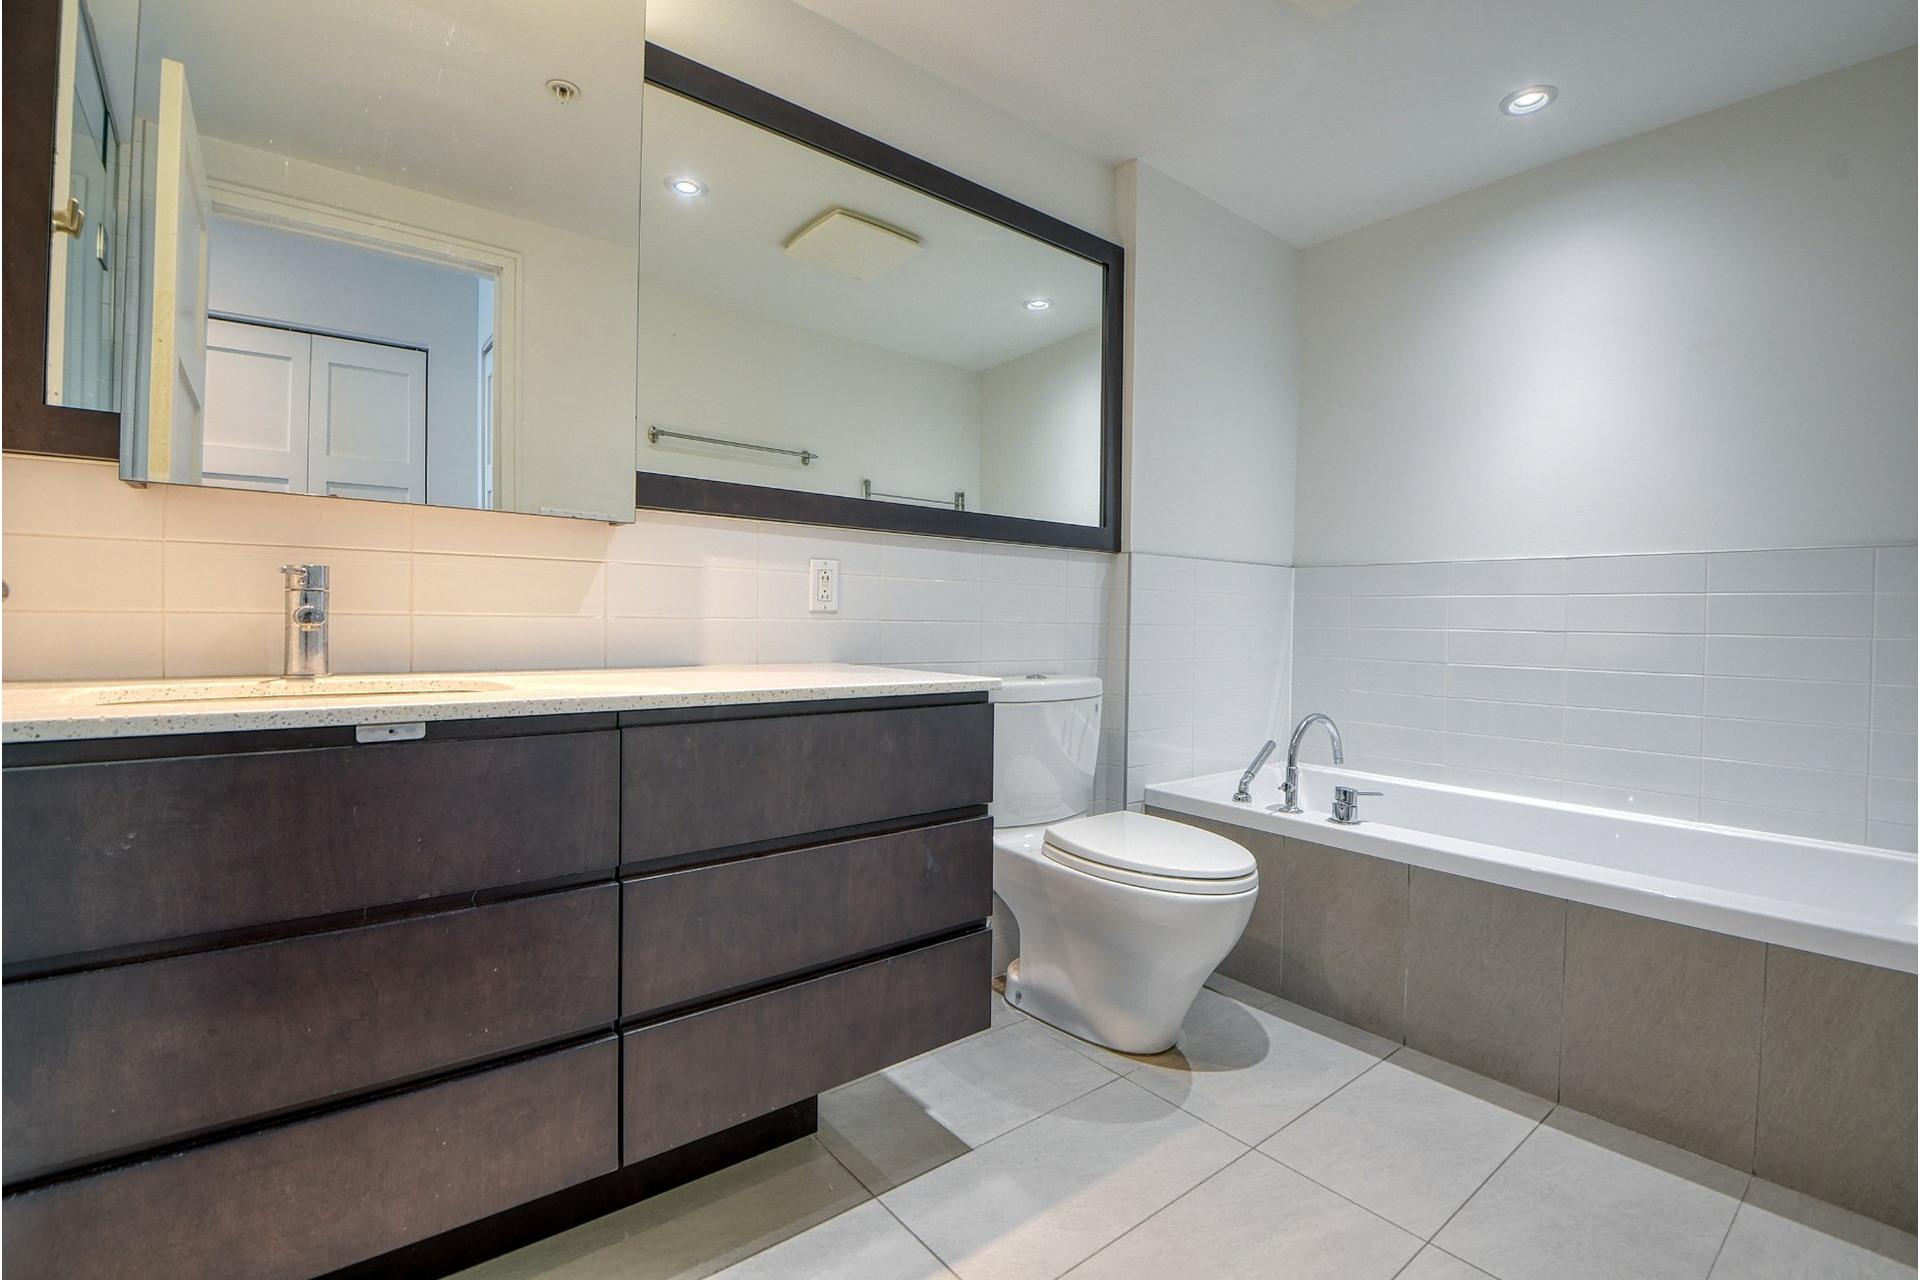 image 15 - Apartment For rent Verdun/Île-des-Soeurs Montréal  - 6 rooms